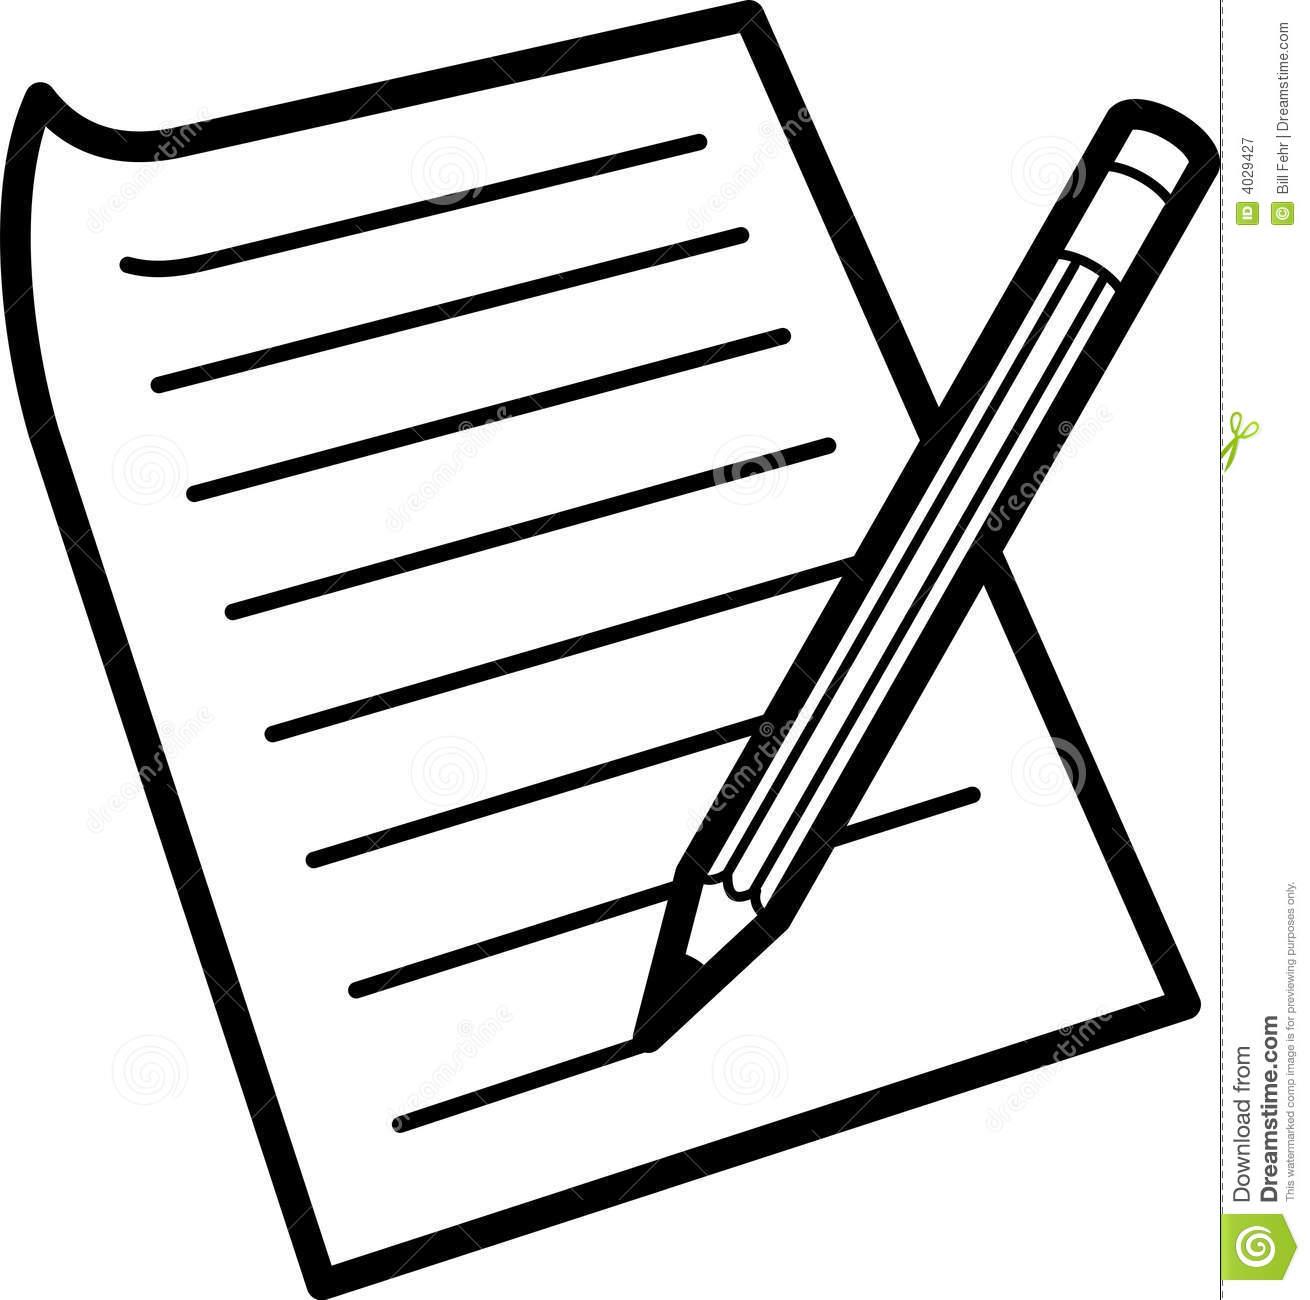 1310x1300 Mathematics Clipart Pencil Paper